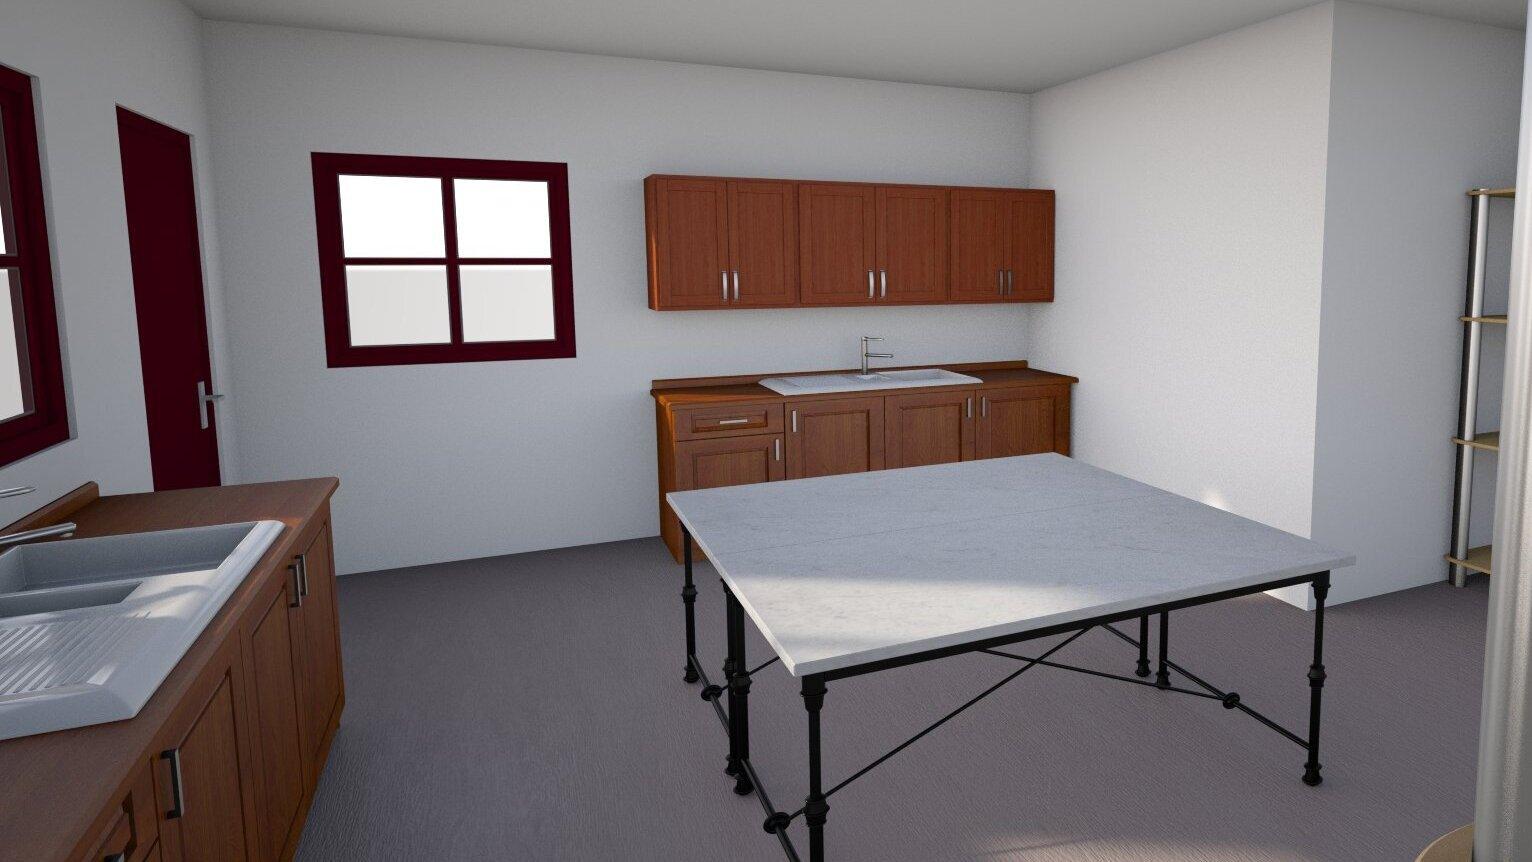 Sterilisation+room.jpg